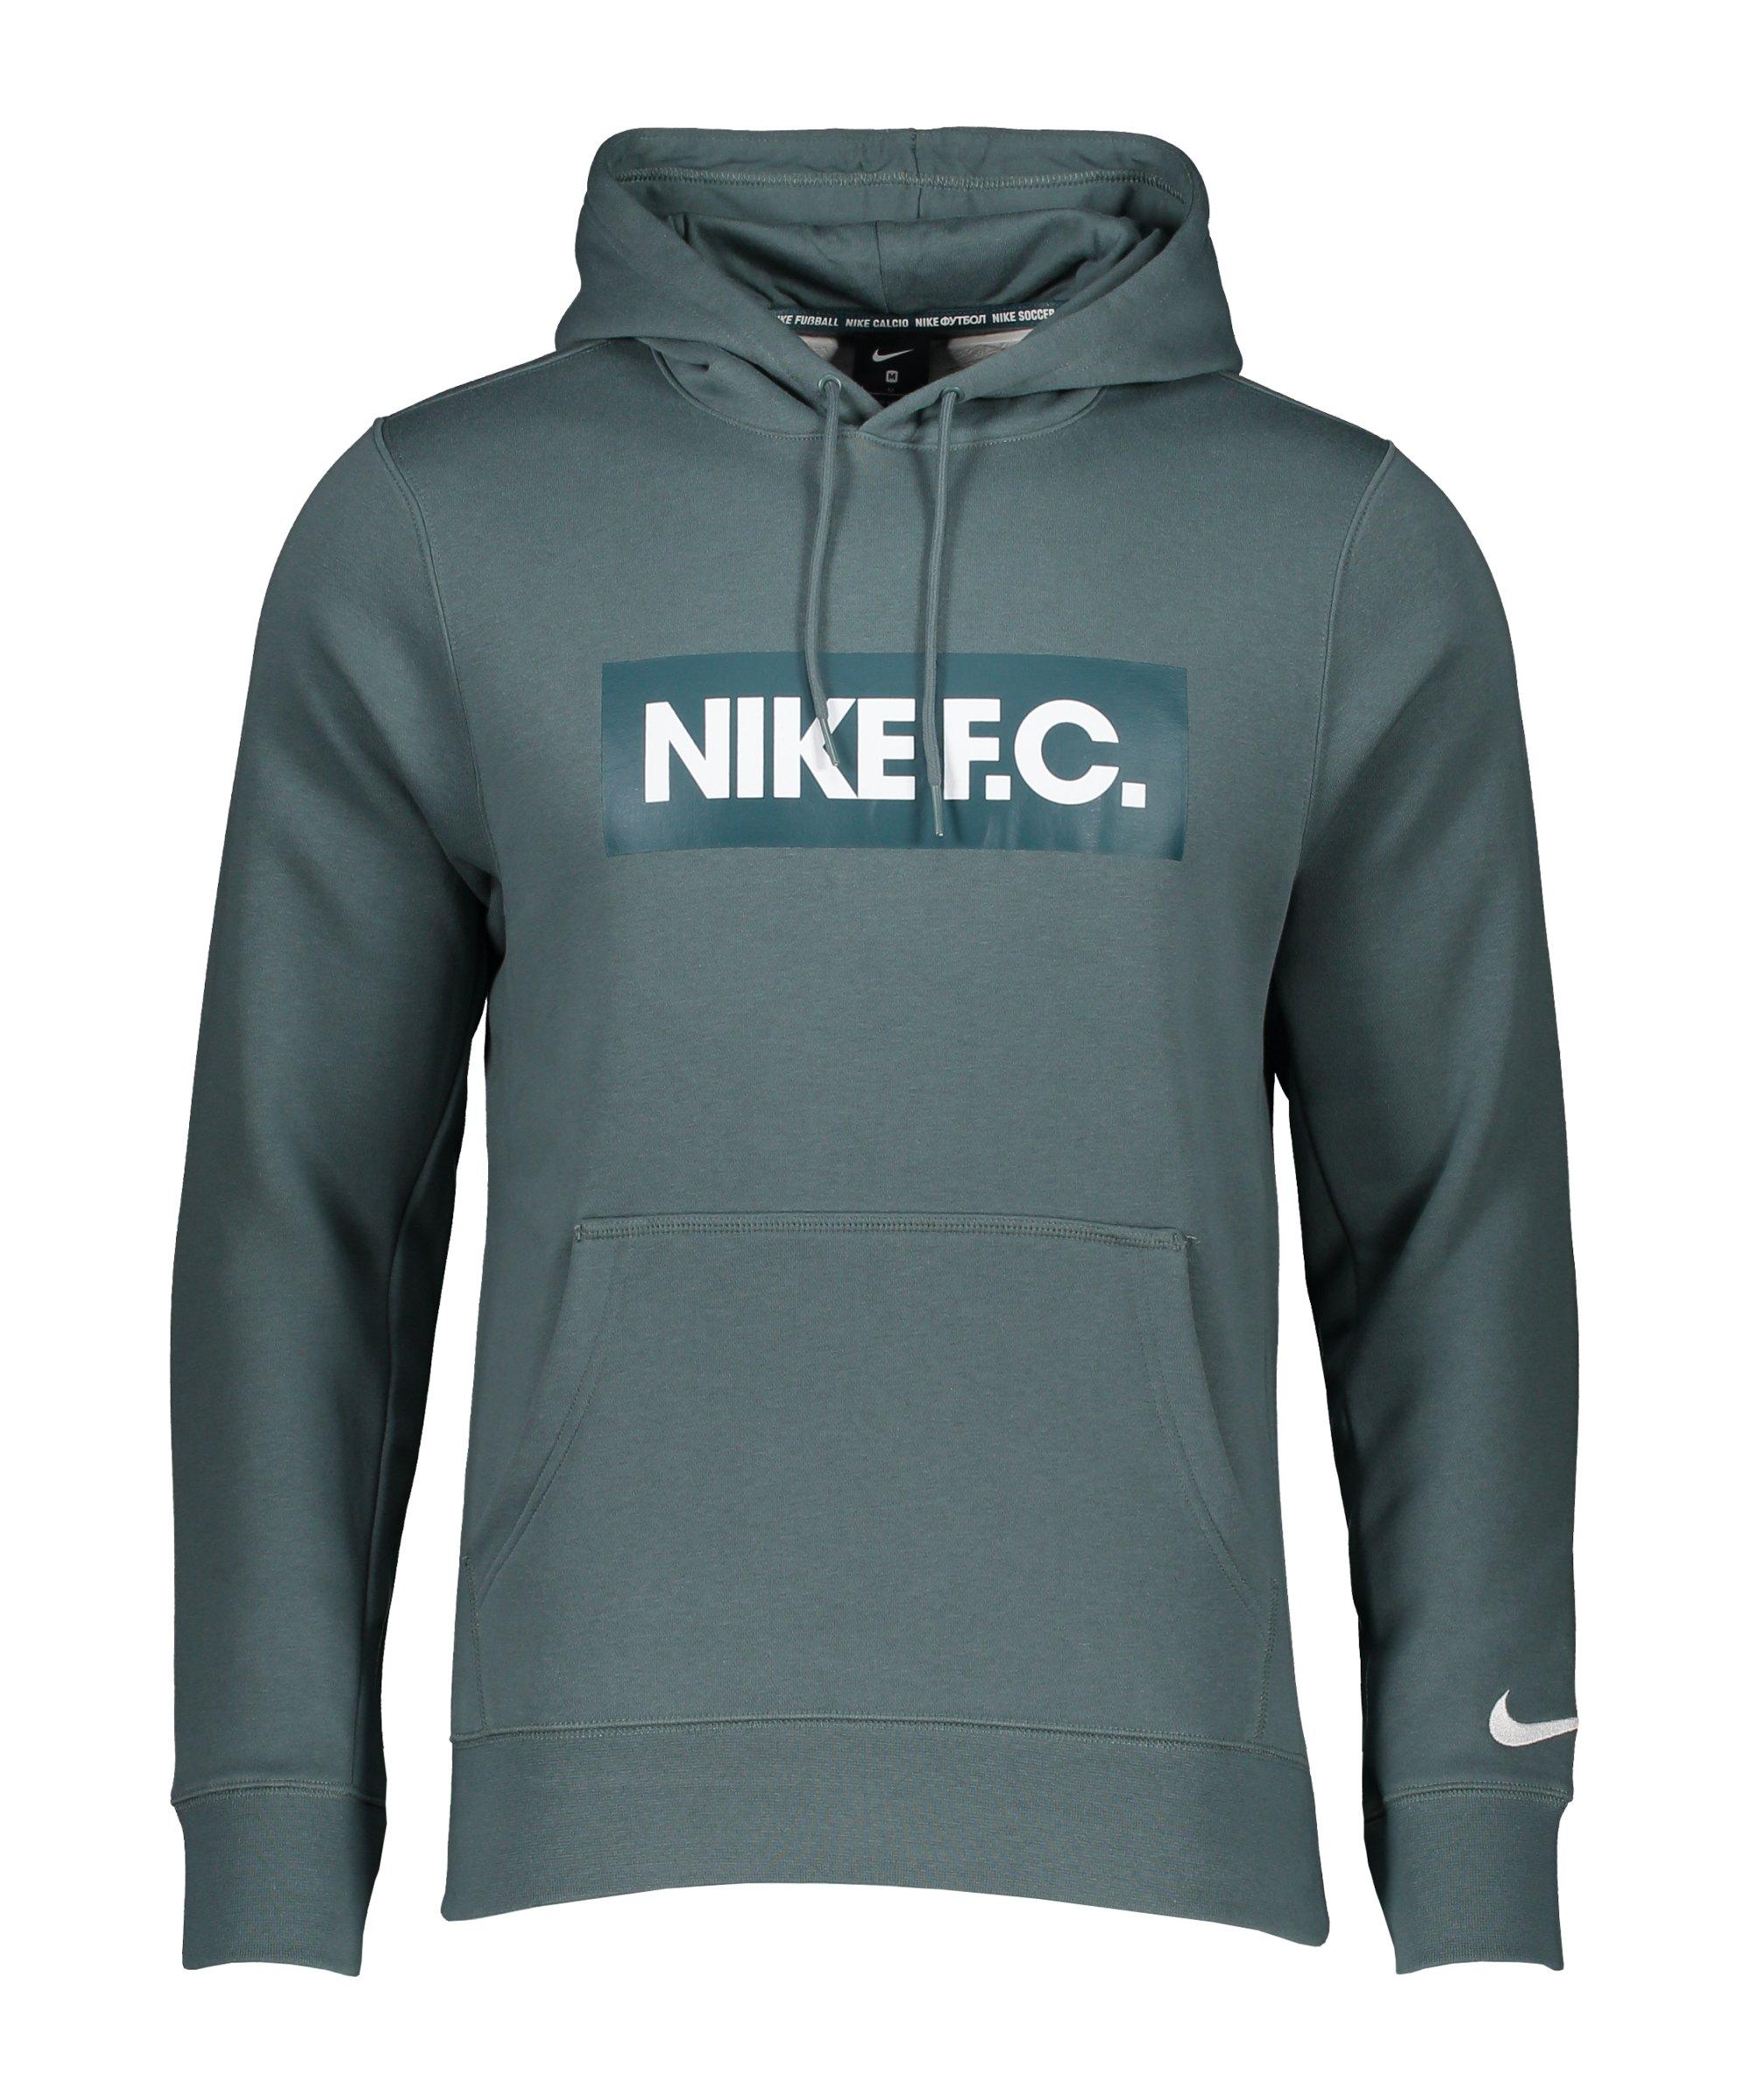 Nike F.C. Fleece Hoody Grün F387 - gruen